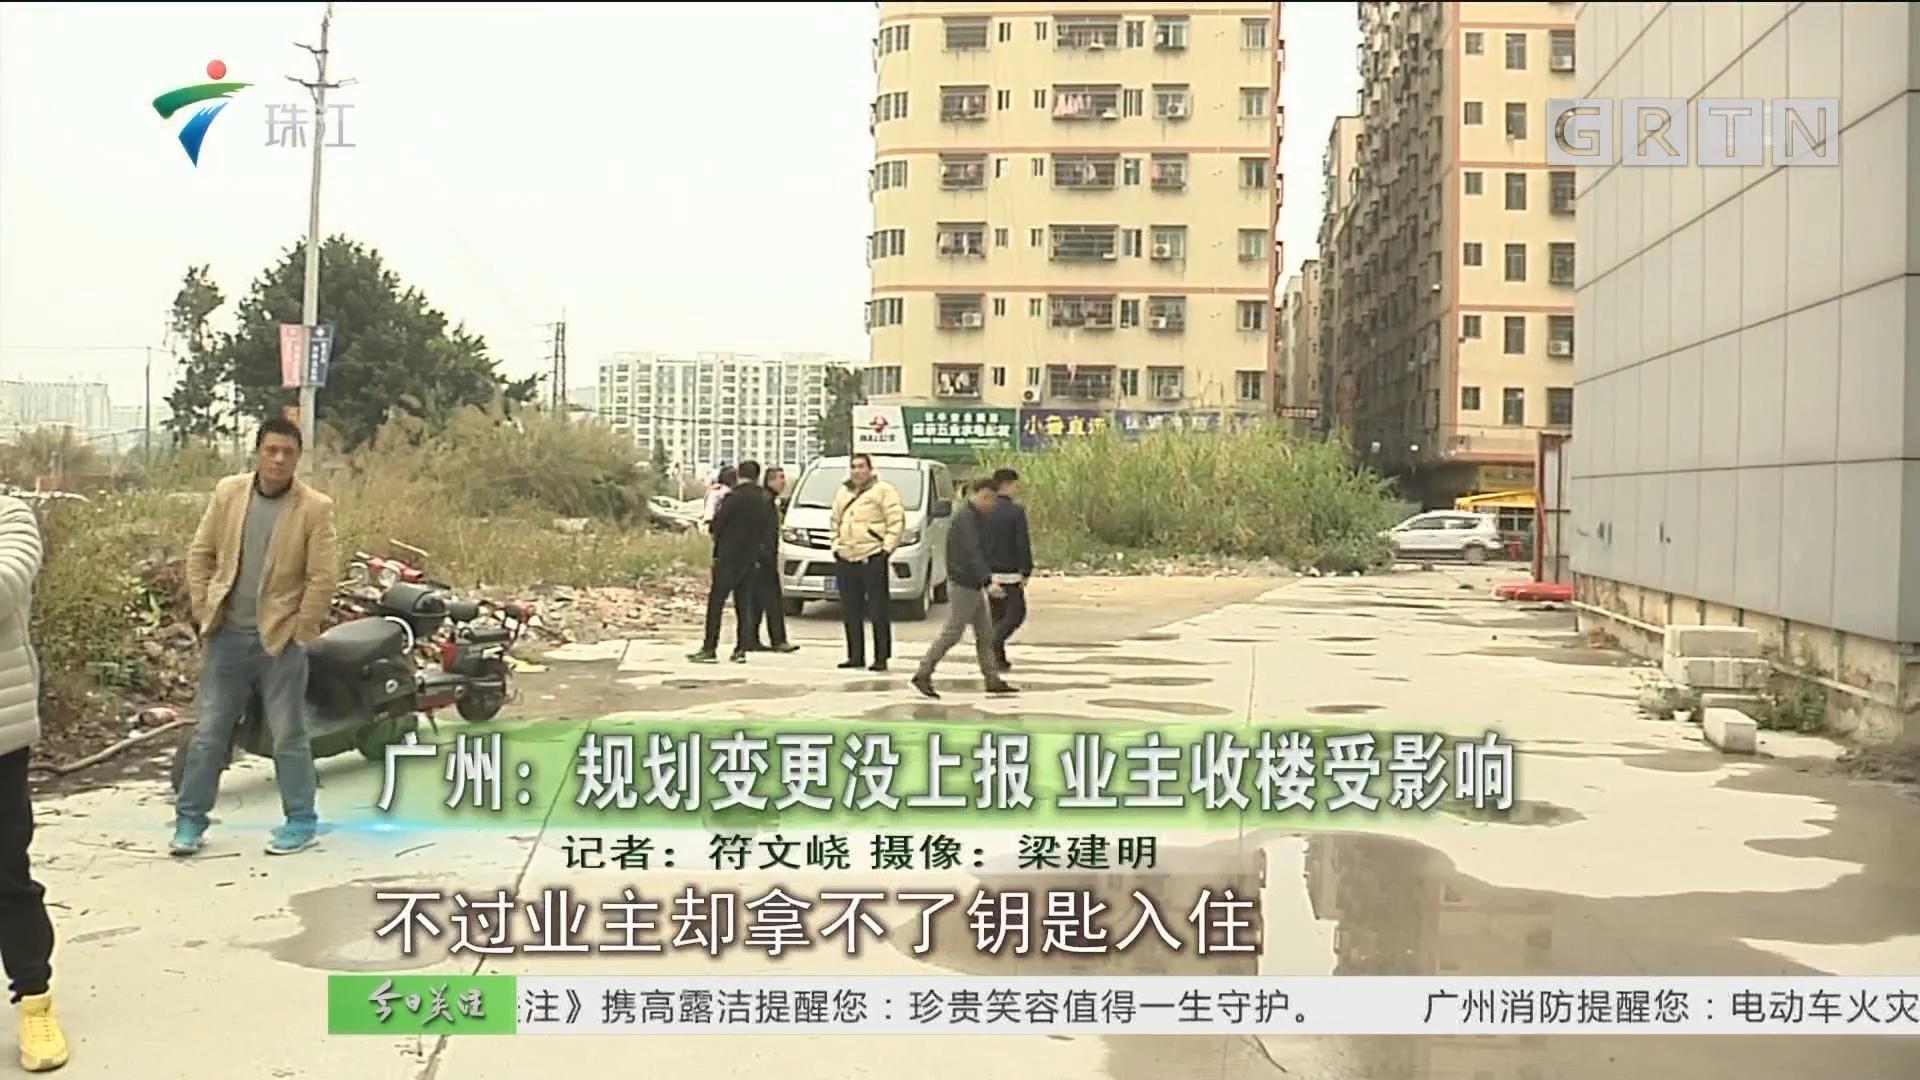 广州:规划变更没上报 业主收楼受影响